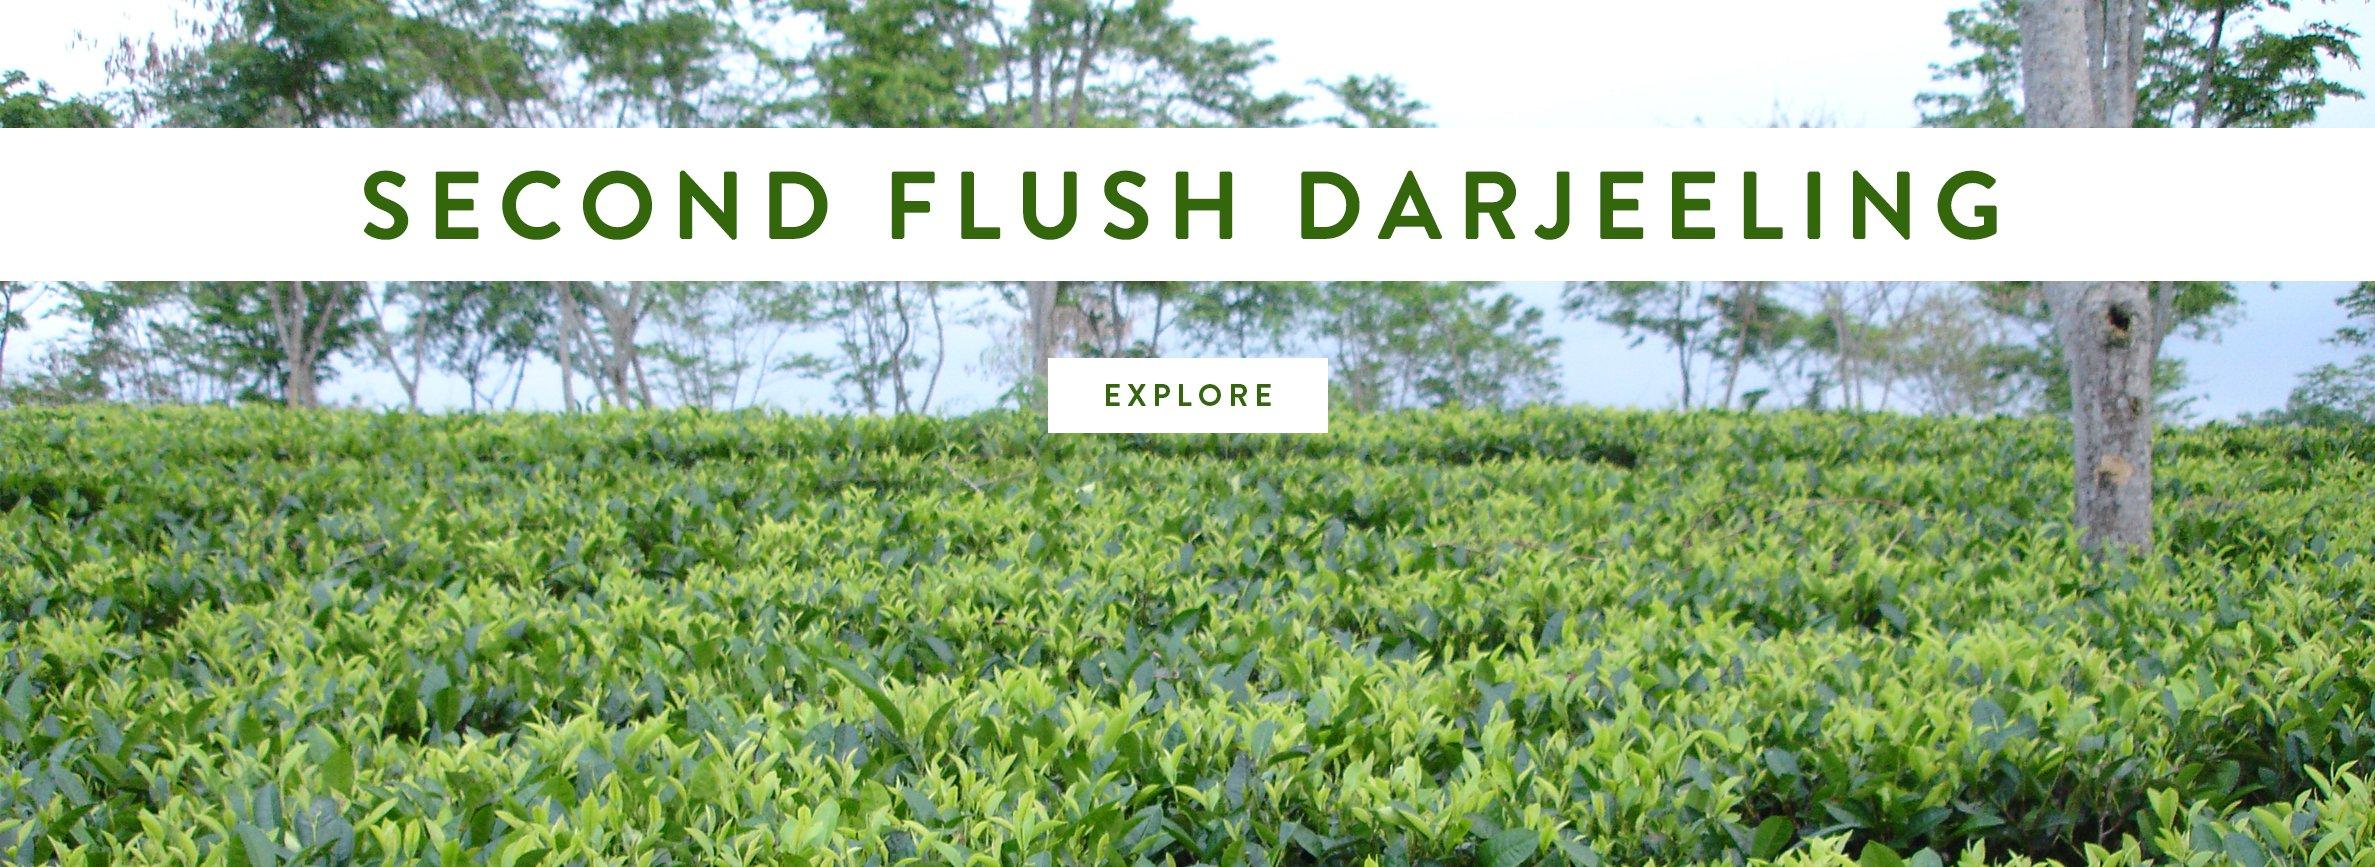 Second Flush Darjeeling